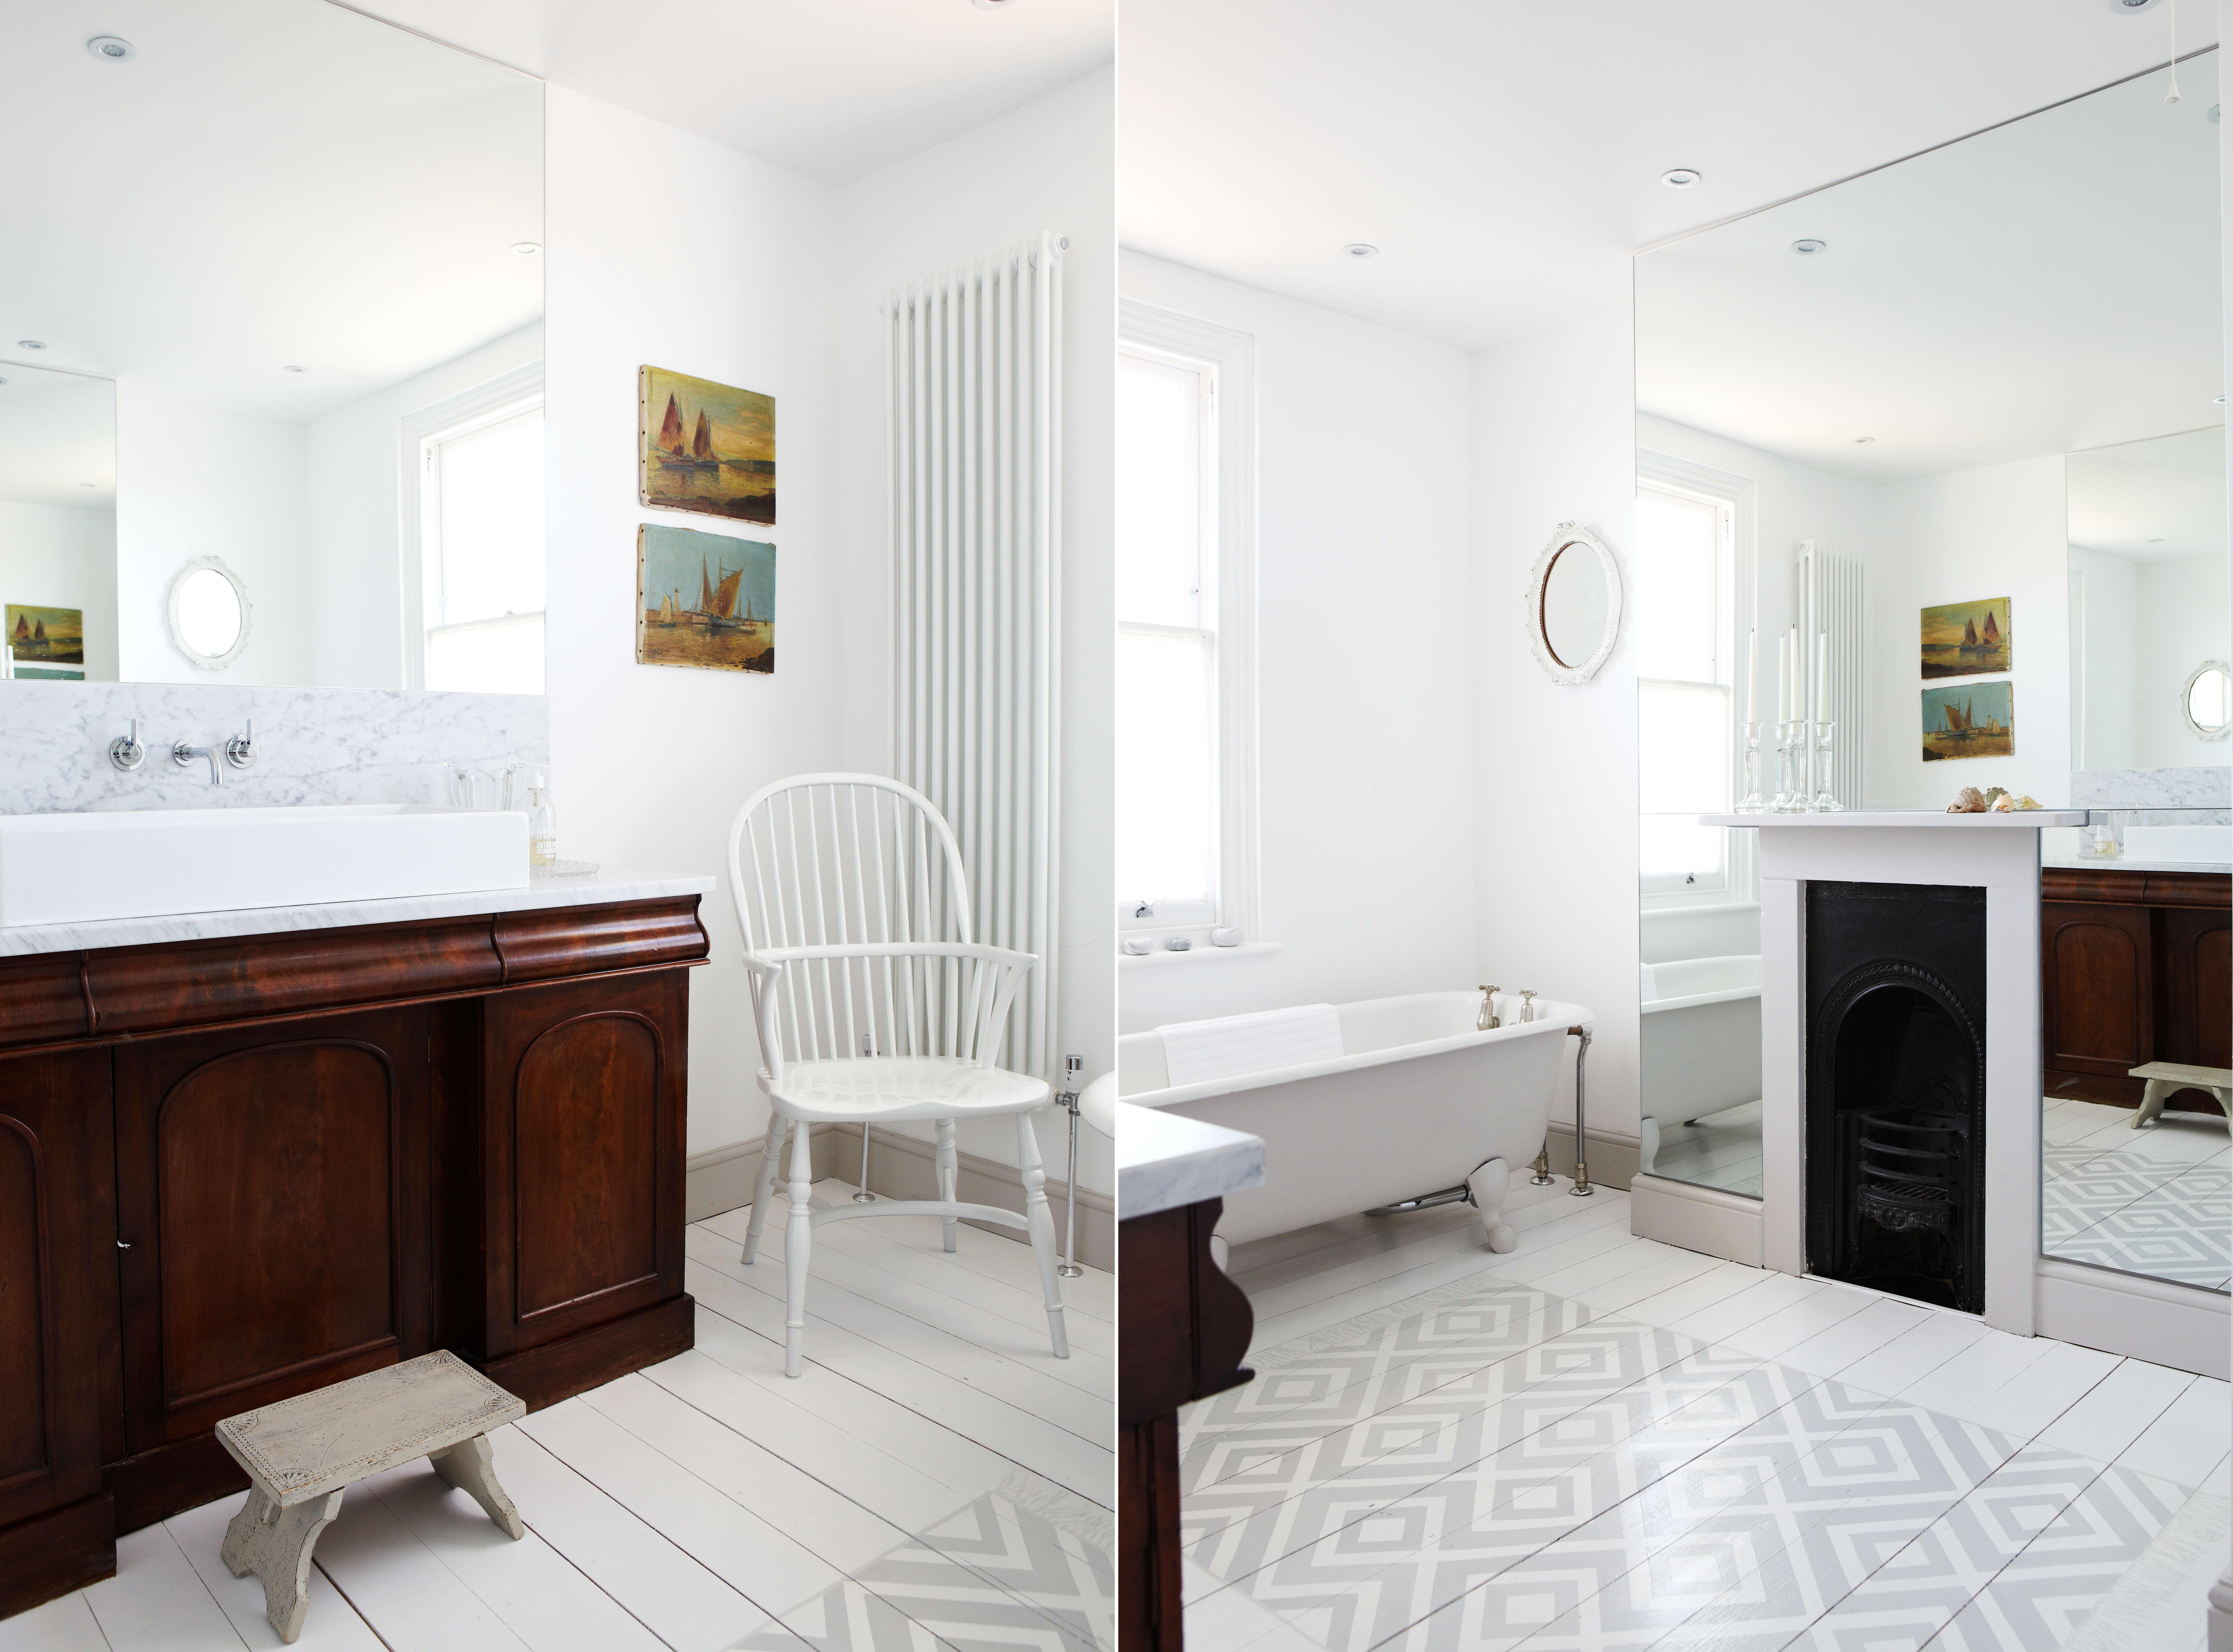 design-and-interiors